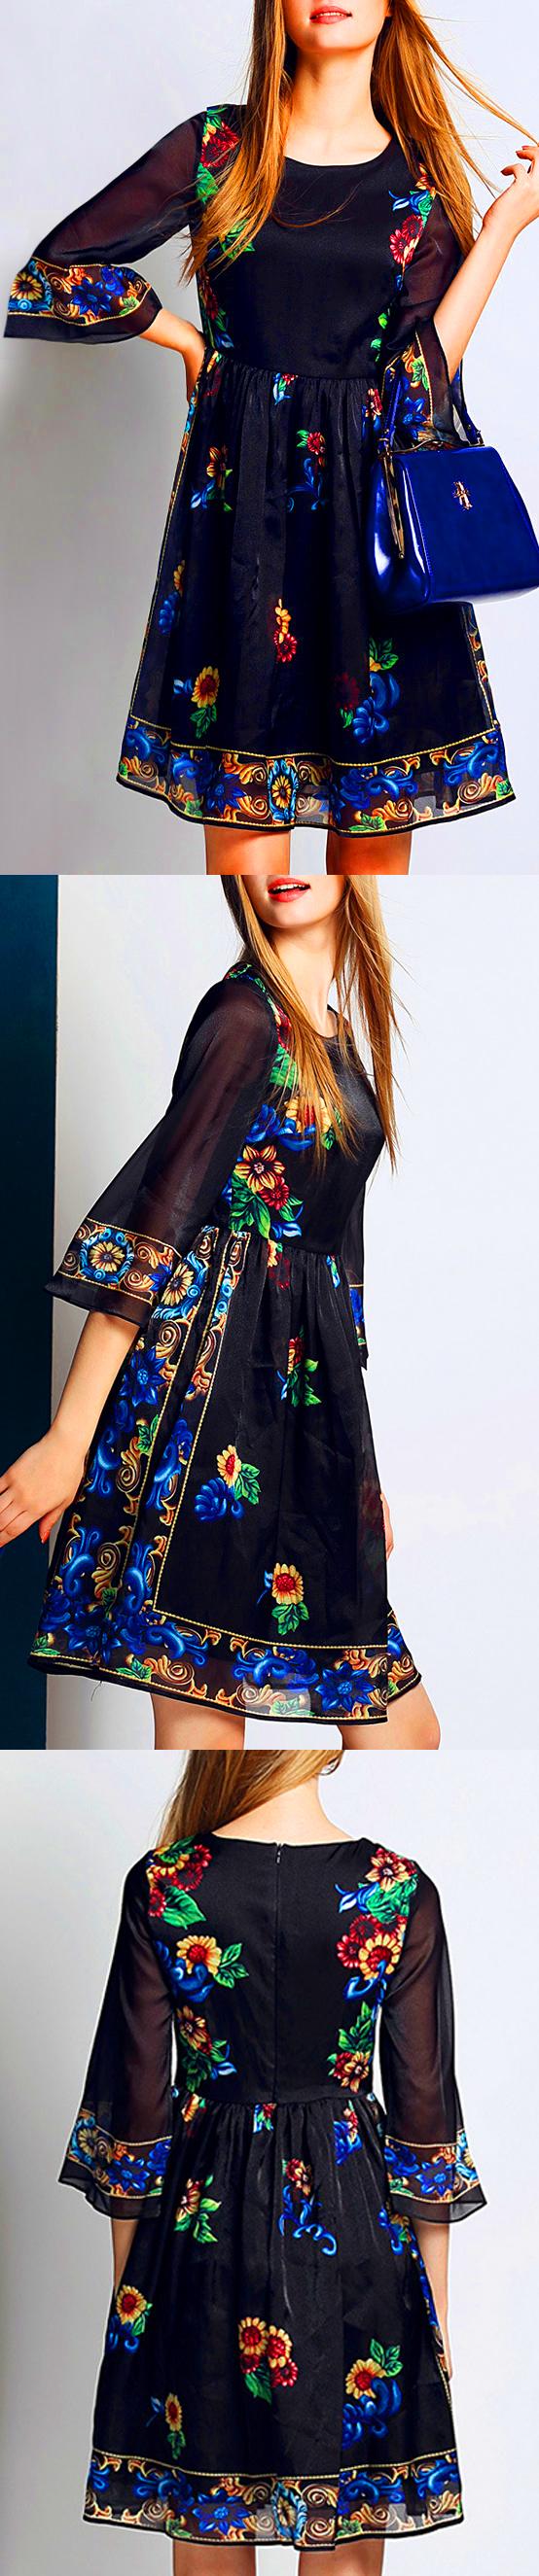 Flowers print sleeve a line dress summer dresses pinterest